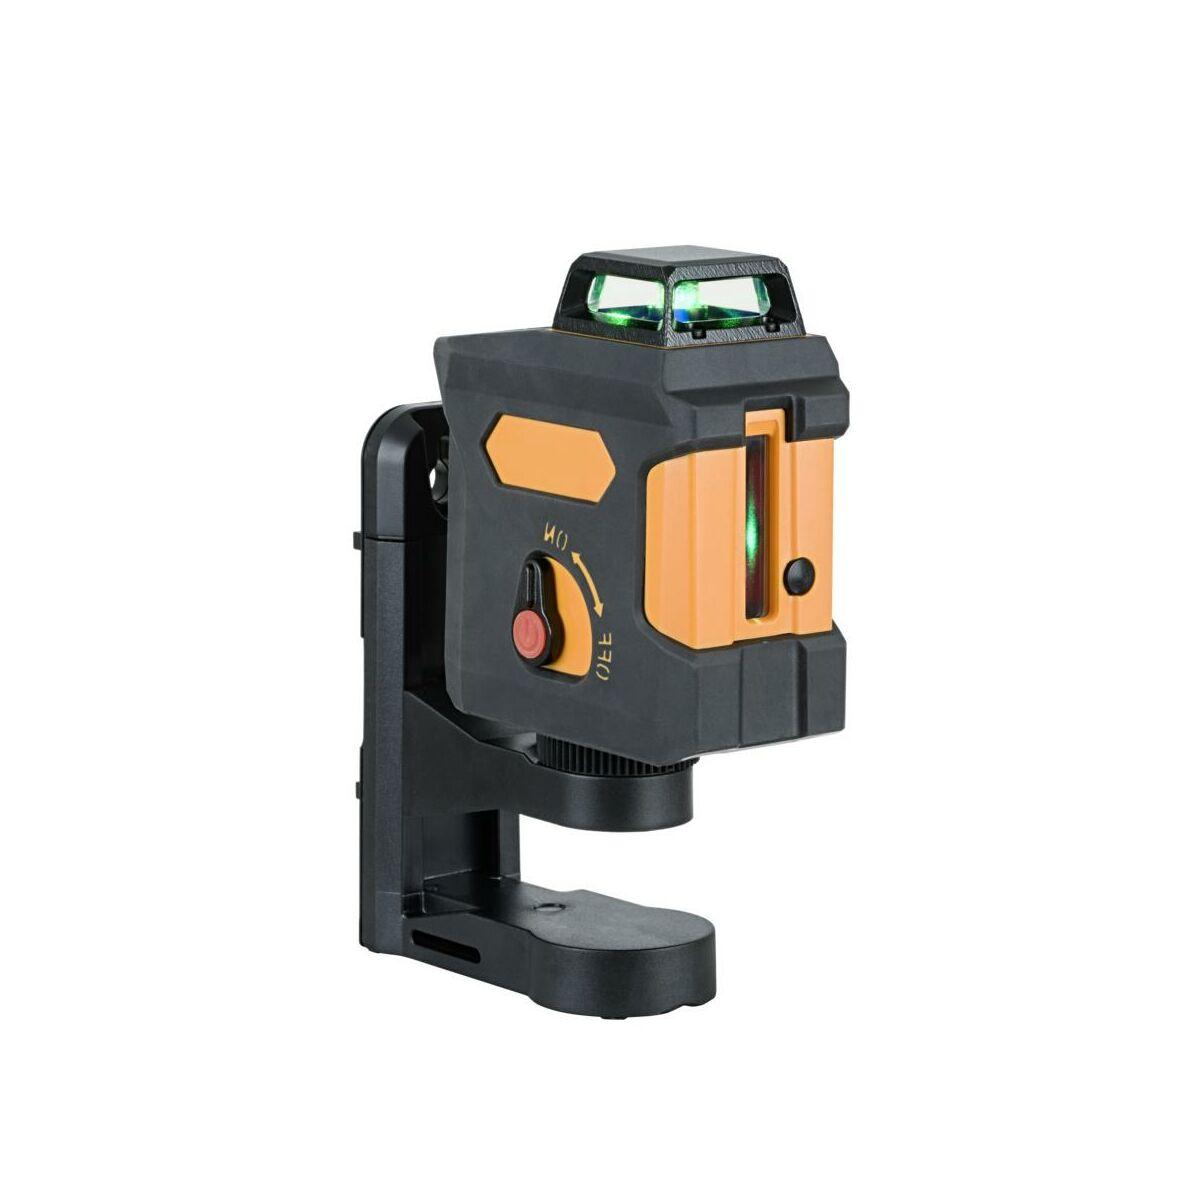 Poziomnica Laserowa Geo1x 360 Green Geo Fennel Urzadzenia Laserowe W Atrakcyjnej Cenie W Sklepach Leroy Merlin